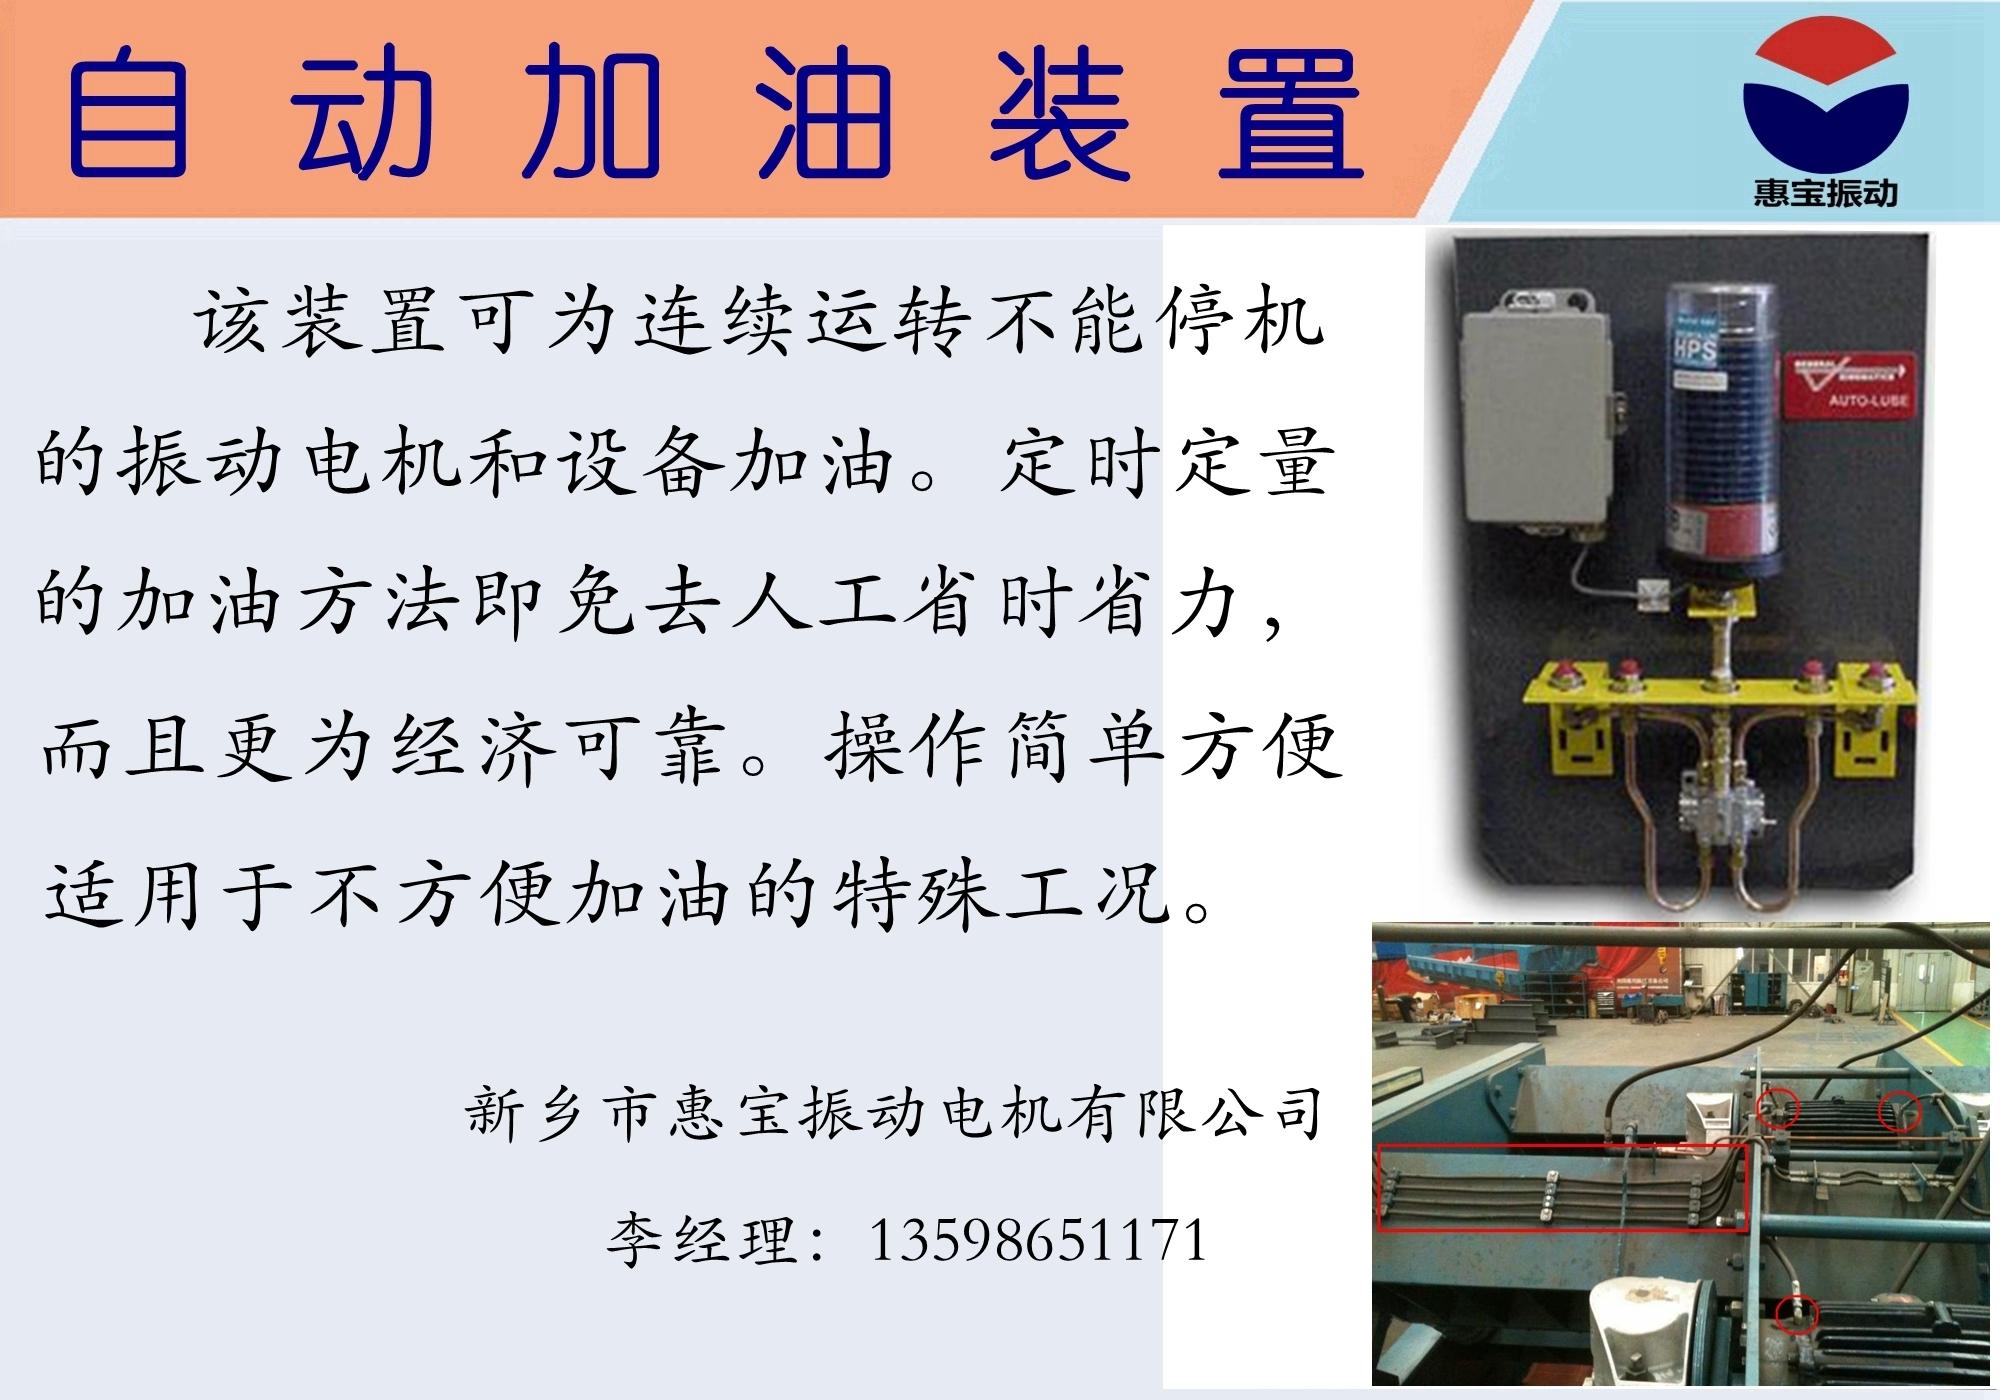 微信图片编辑_20200522091702